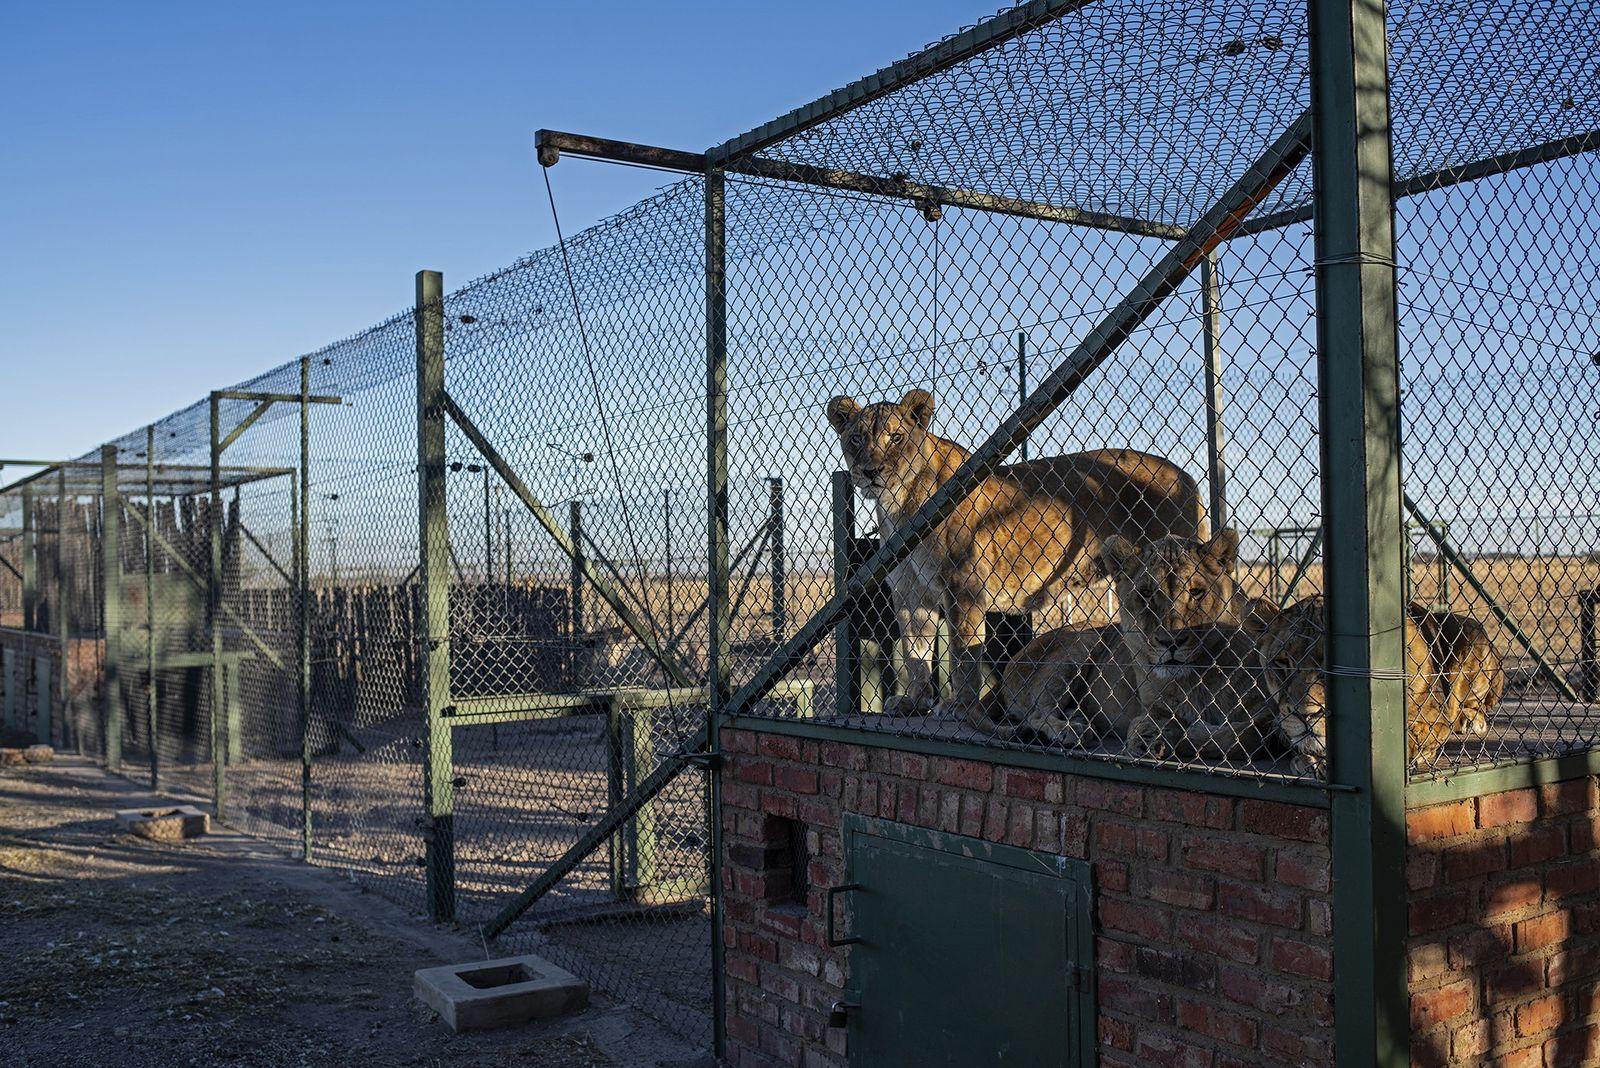 Na fazenda Pienika, dezenas de espécies — não apenas leões, mas também tigres-de-bengala, tigres-siberianos, hienas, linces, ...